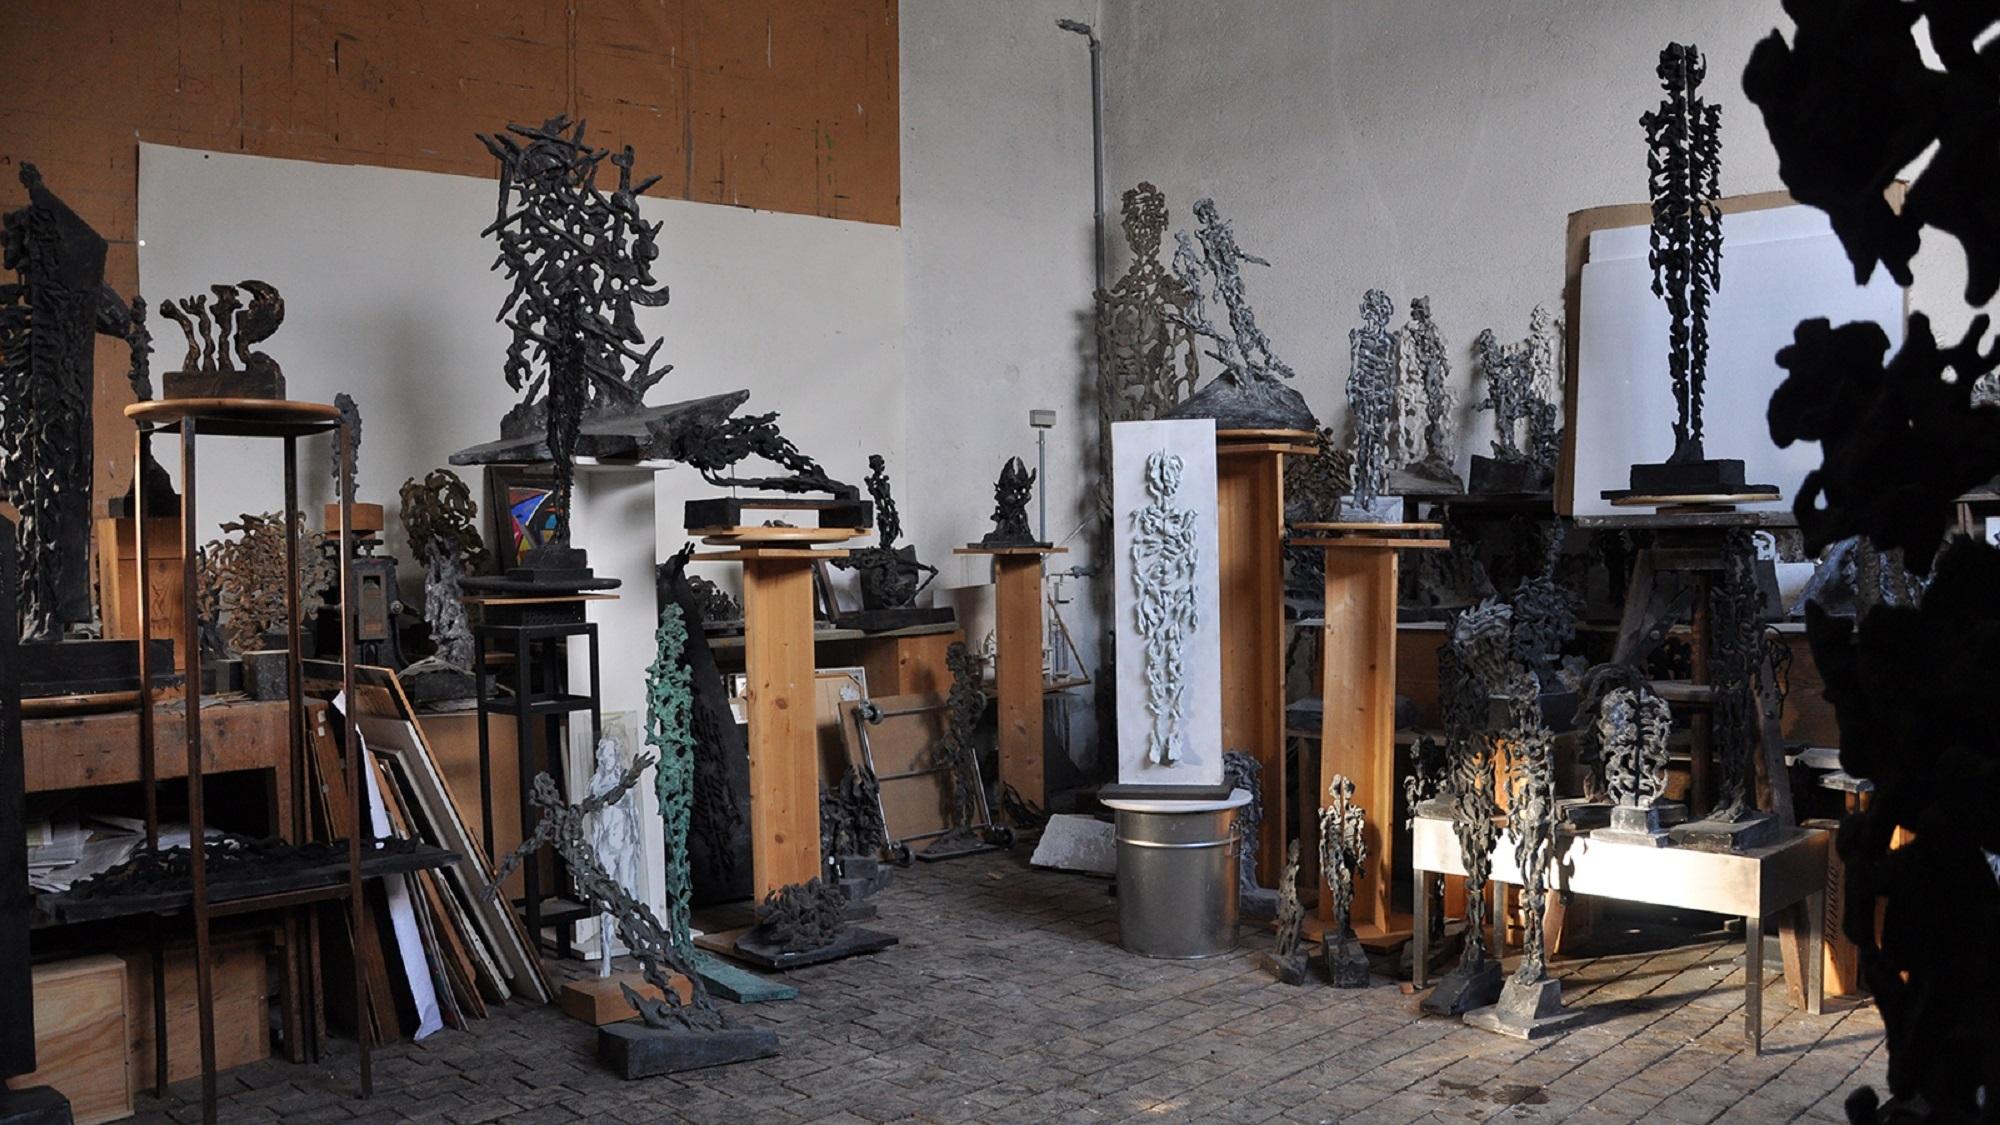 Atelier Giuliano Pedretti Slide 1